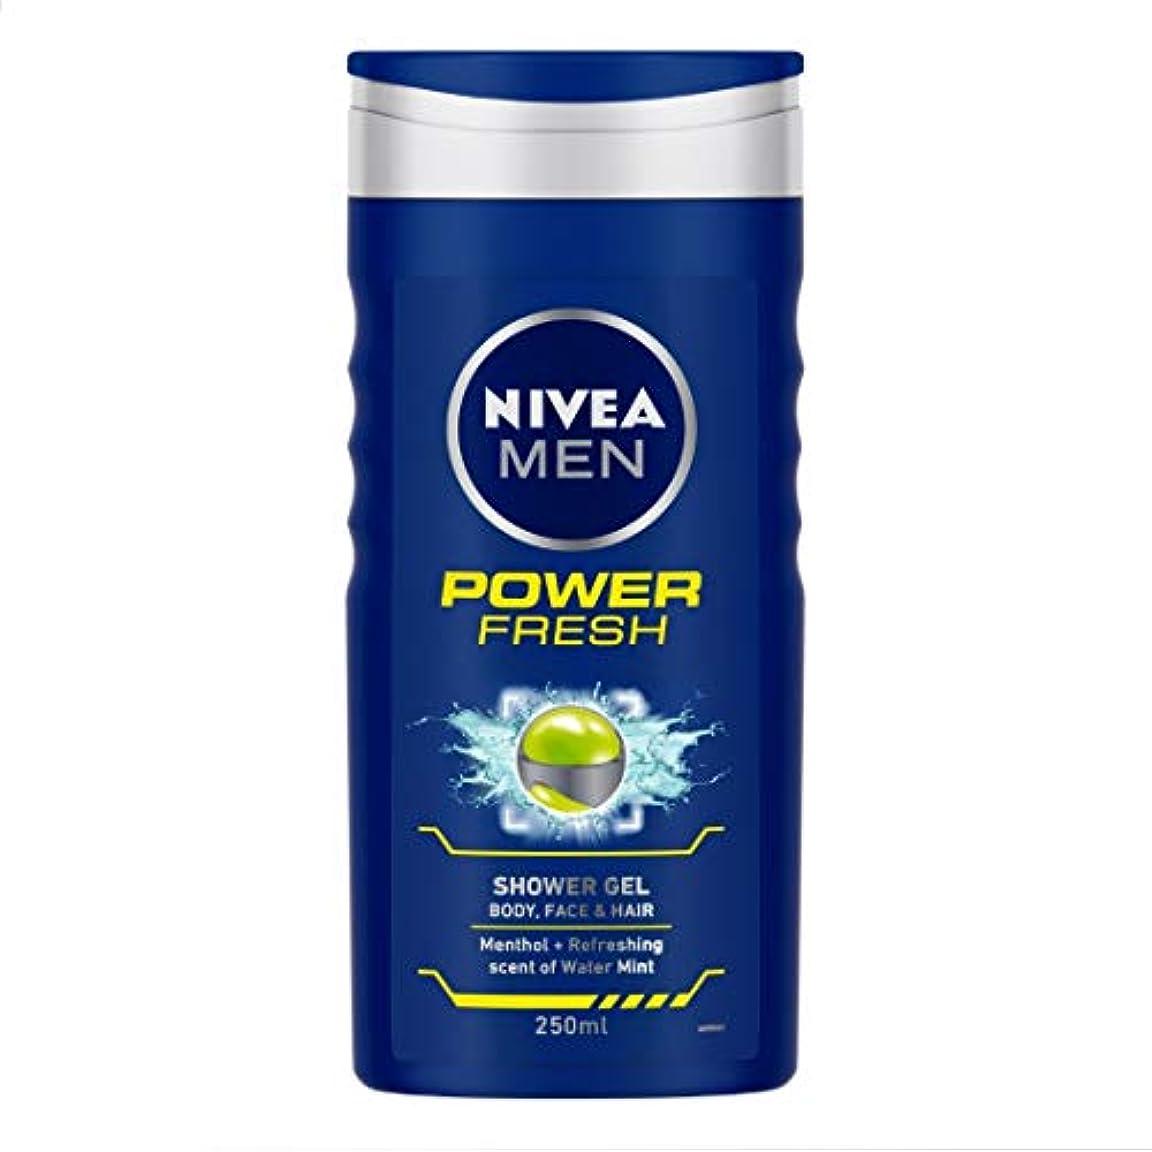 曲げるうそつきマイクロプロセッサNivea Men Shower Gel - Power Refresh (250ml) ニベア男性のシャワージェル - 電源リフレッシュ( 250ミリリットル)